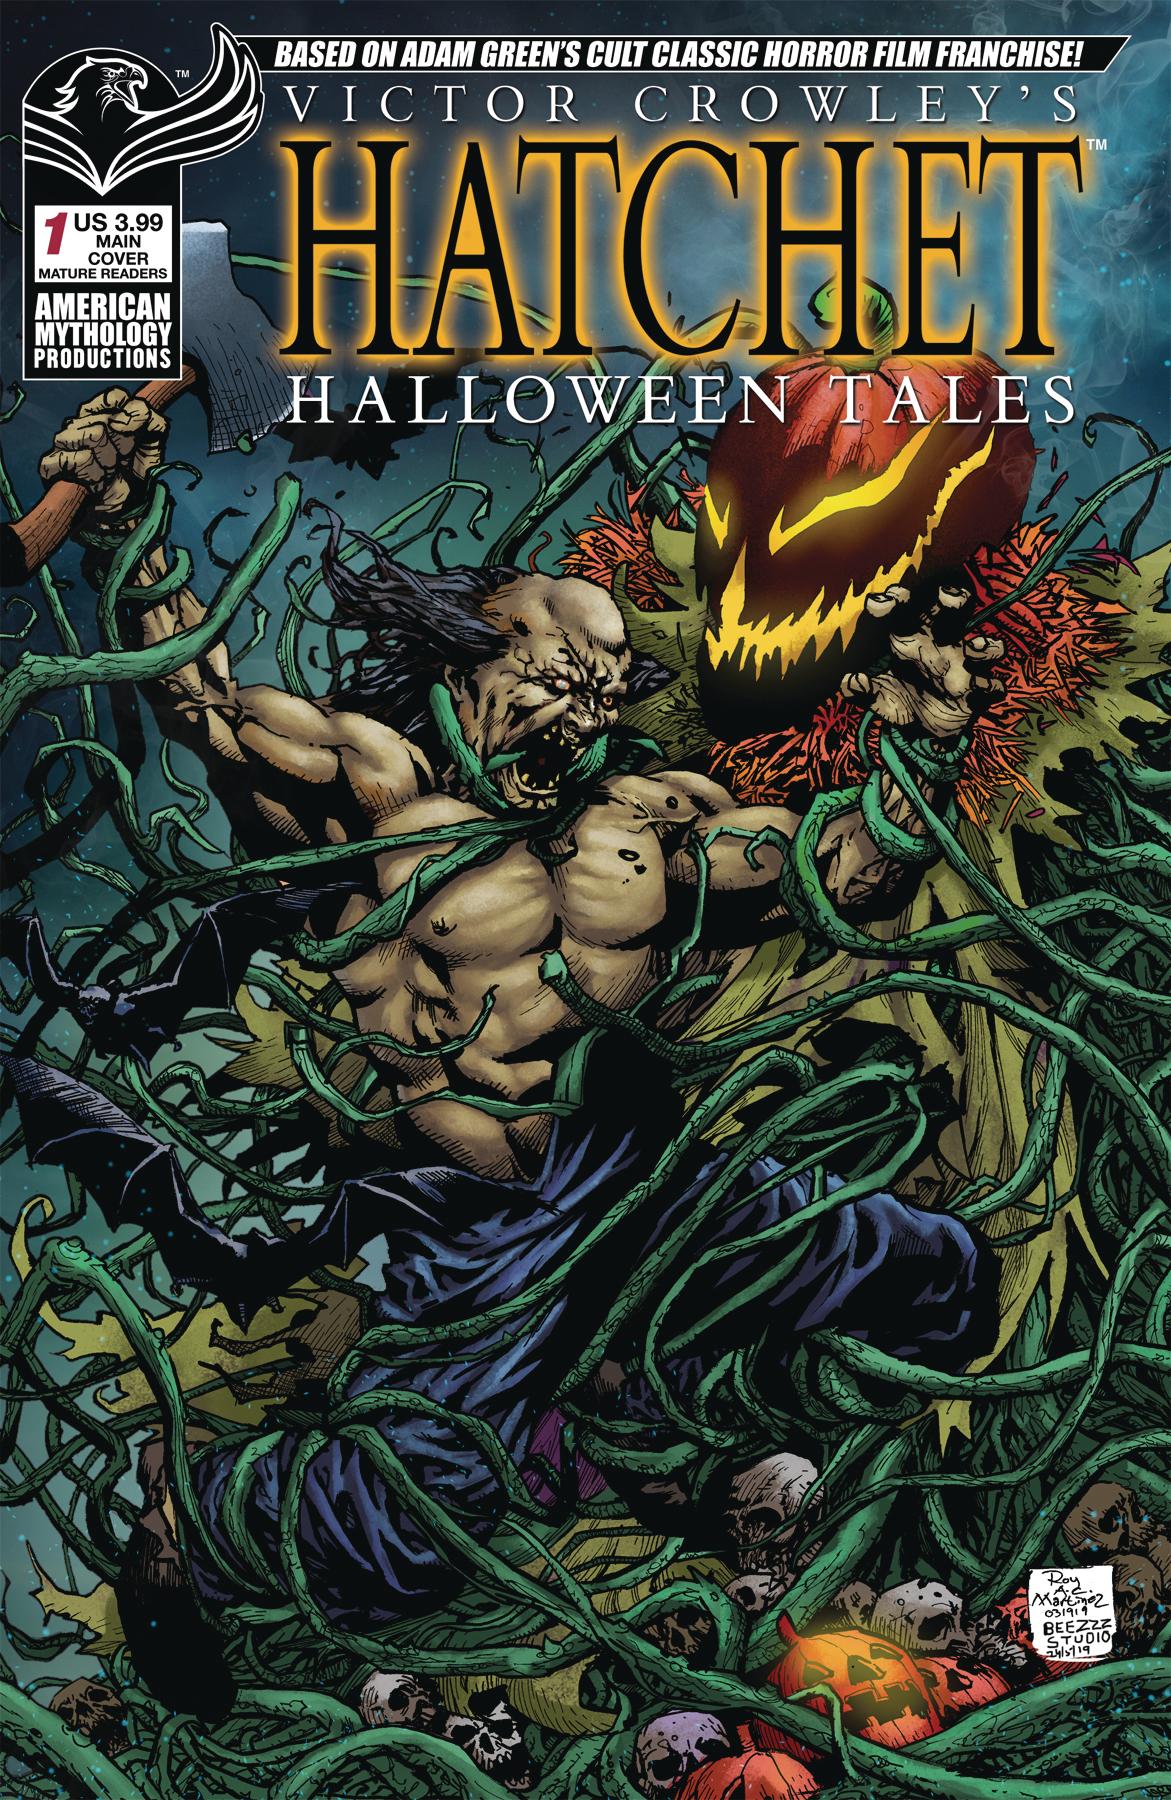 Victor Crowley_s Hatchet Halloween Tales